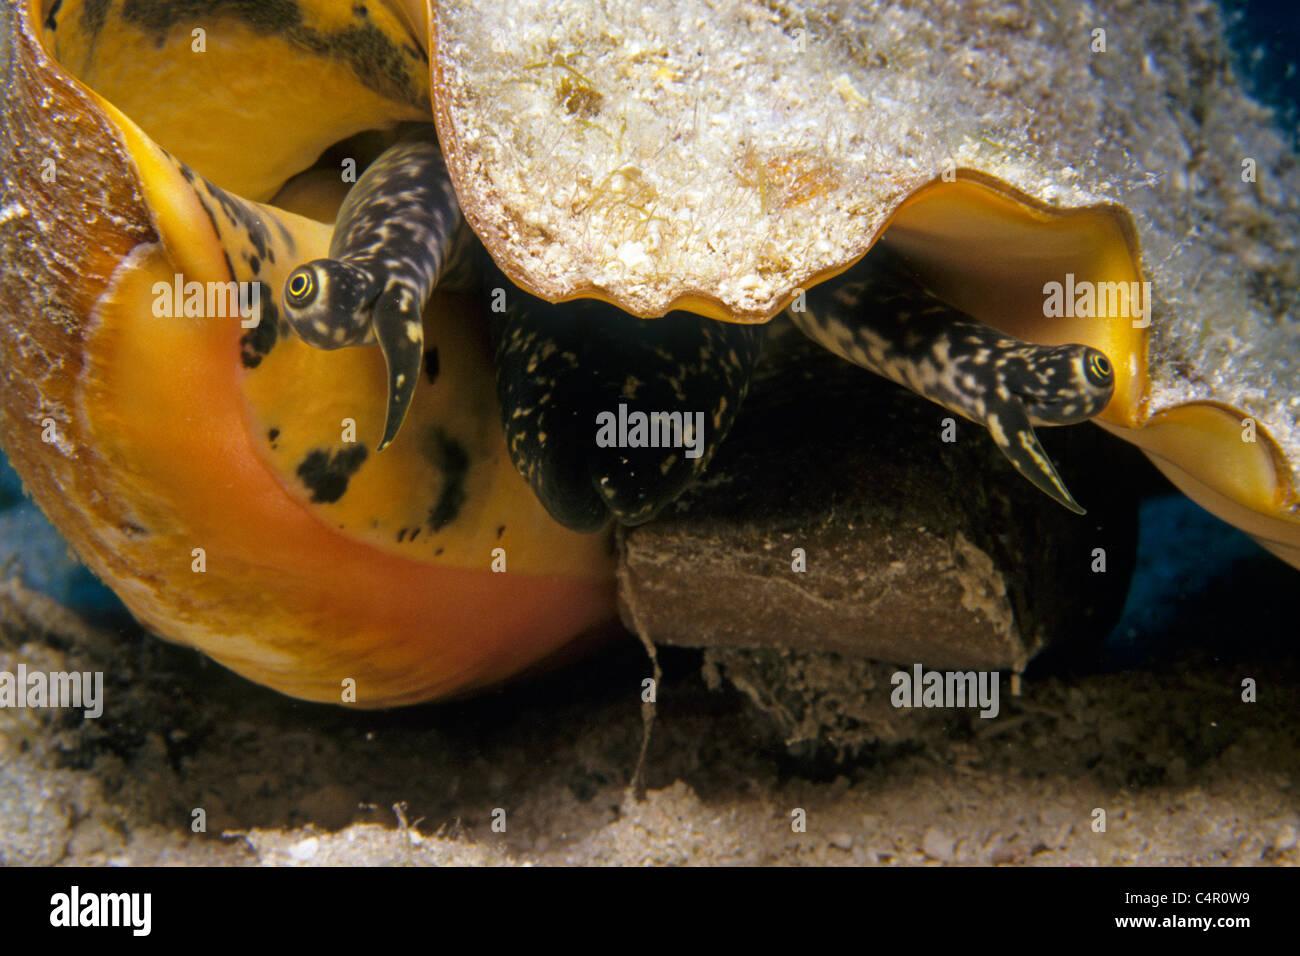 Augen Einer Riesenfluegelschnecke Strombus Gigas, Augen von einem Queen Conch Muschel Stockbild